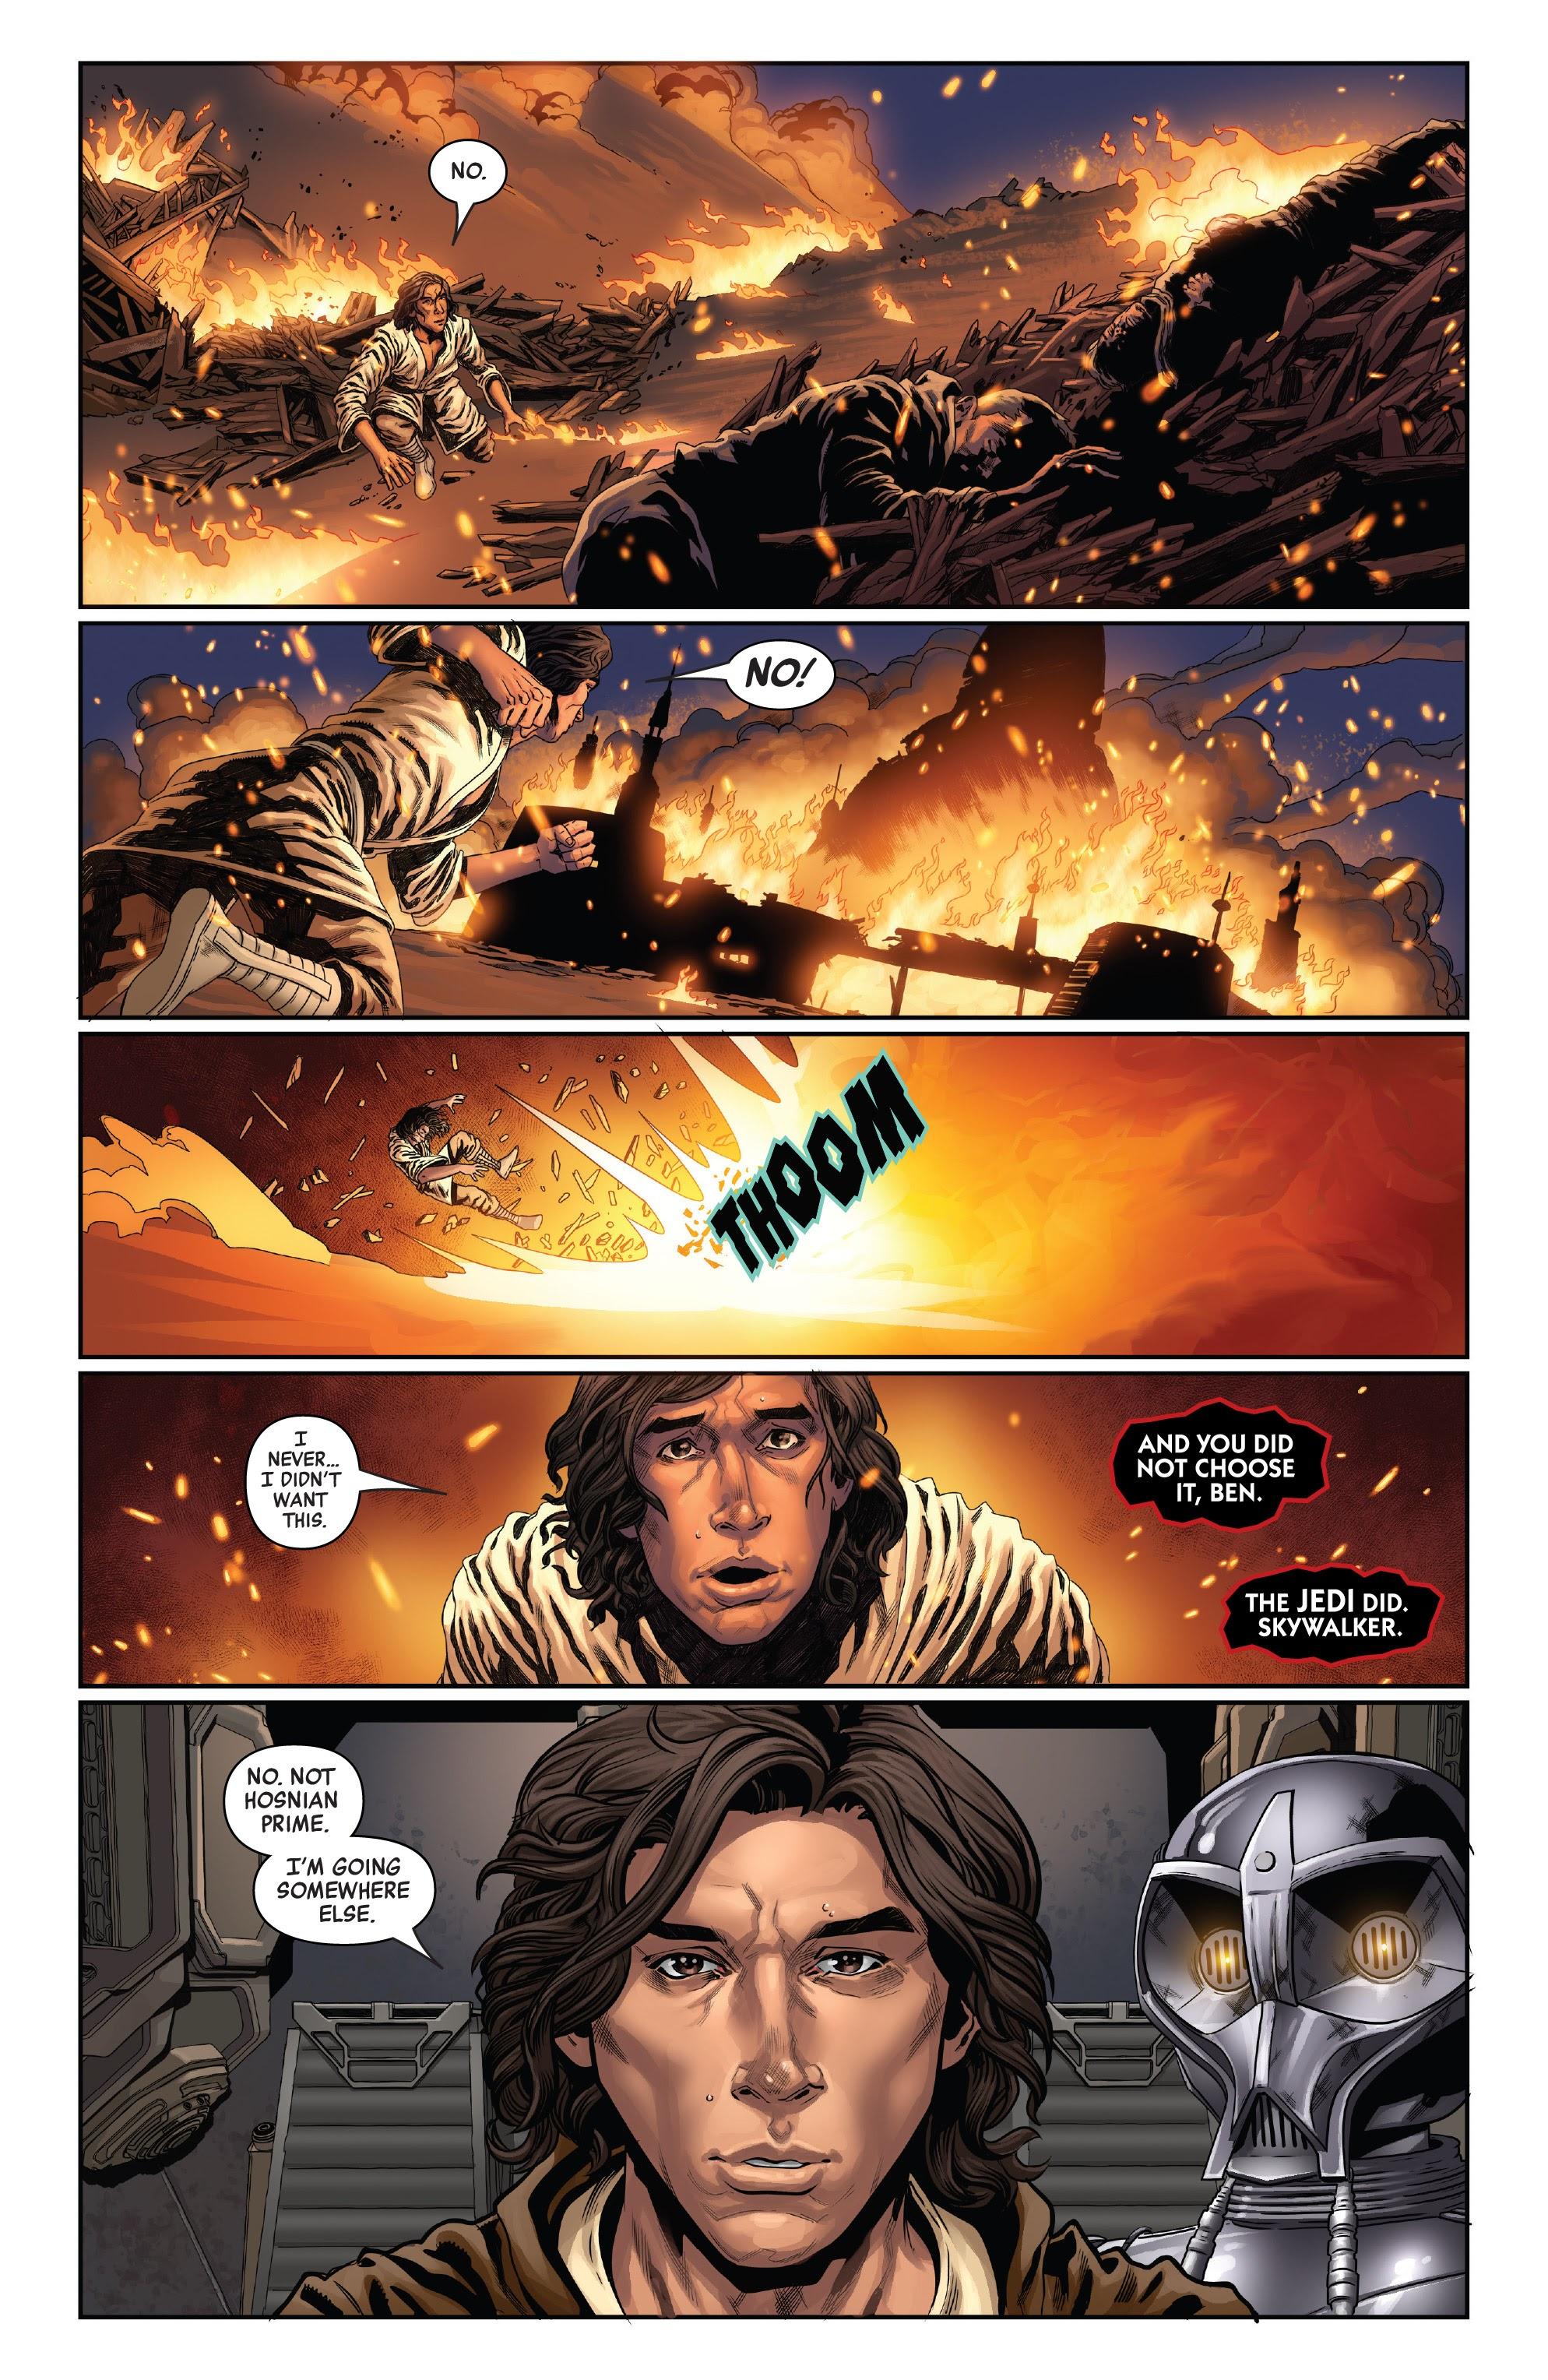 【星戰宇宙相關】前傳漫畫揭開凱羅忍居然不是燒毀路克的絕地聖殿其兇手!